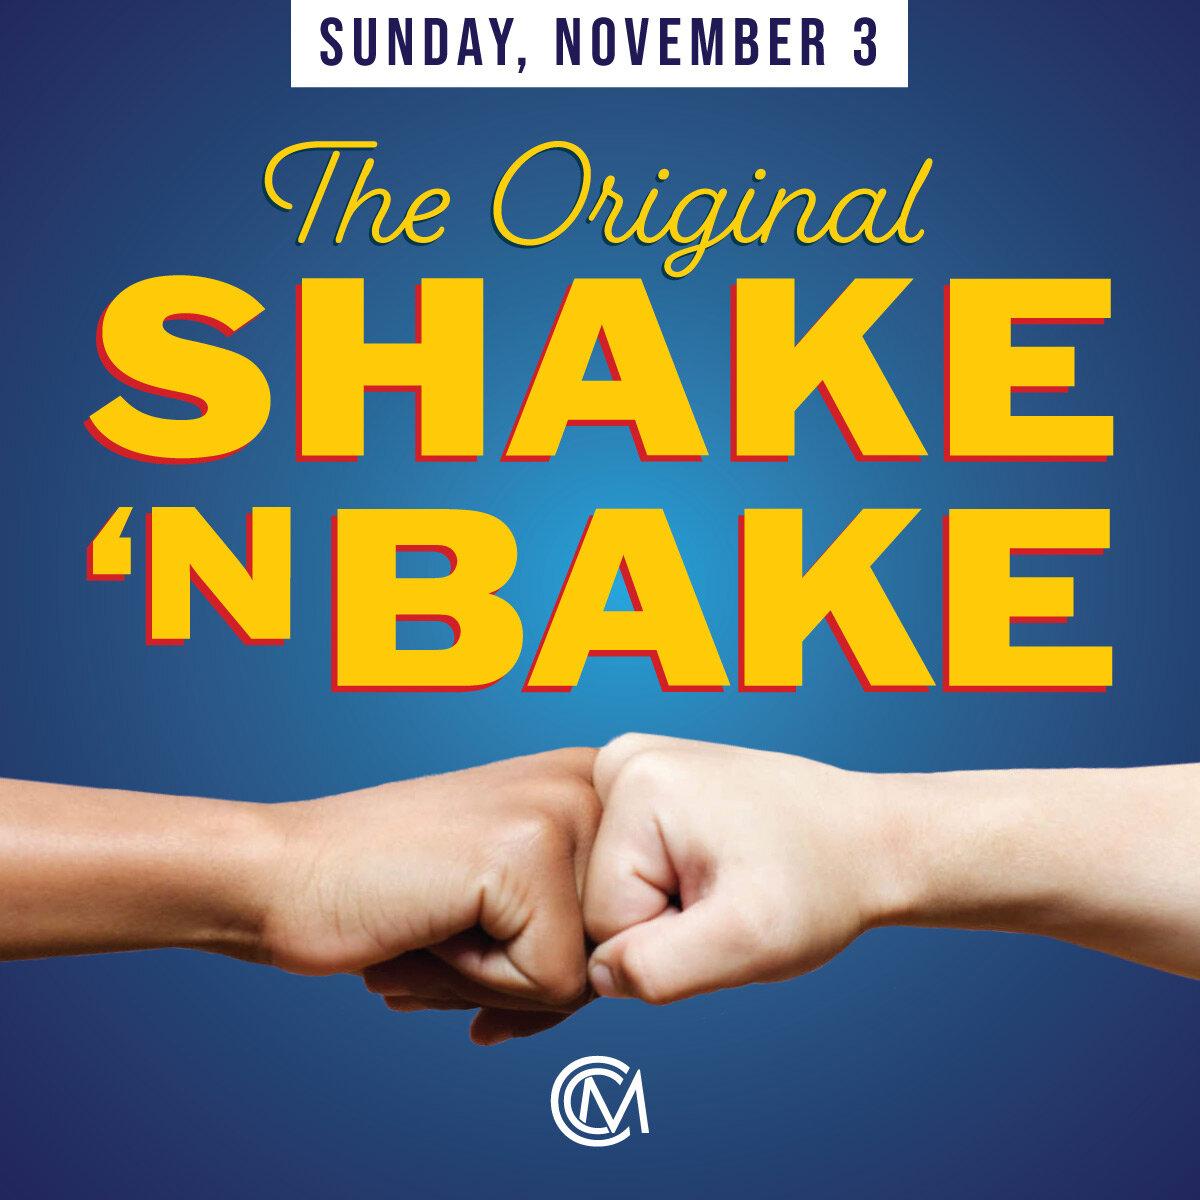 CCM-Shake&Bake-Nov3.jpg